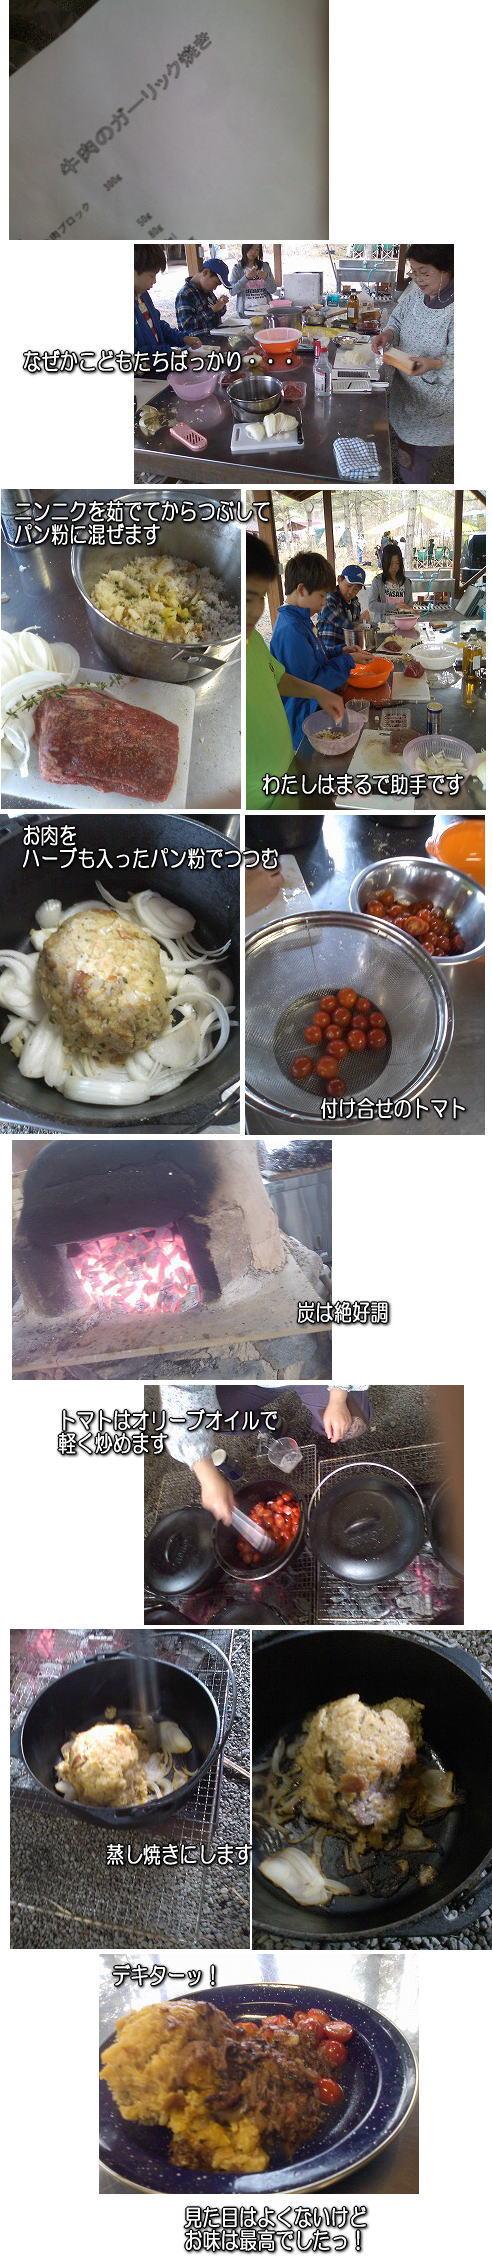 牛肉のガーリック焼き